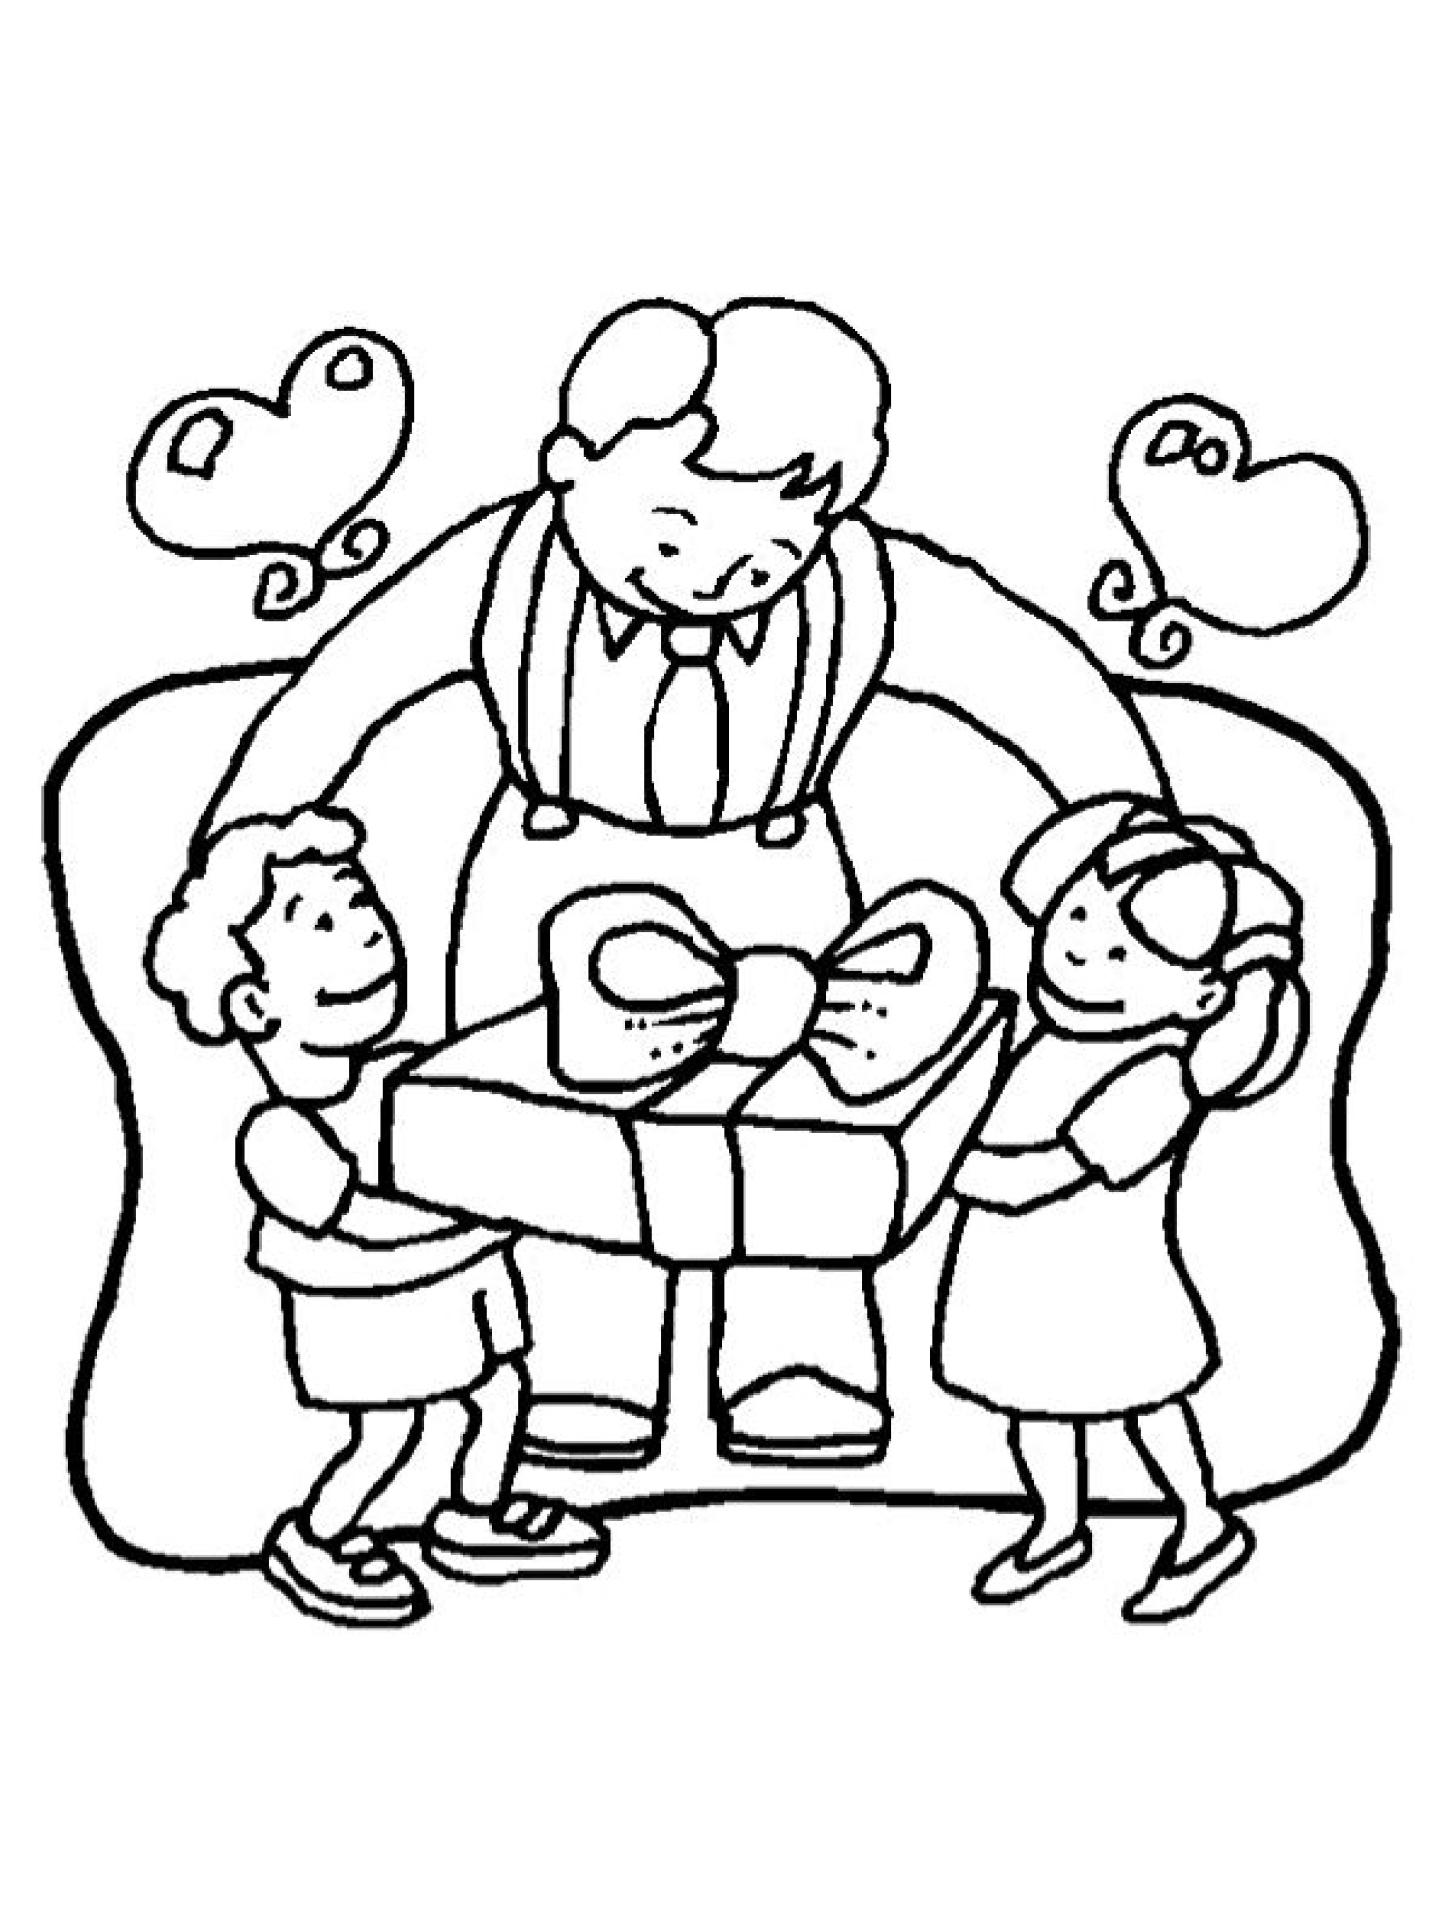 Fête Des Pères 2020 Et 2021 - Calendriervip pour Fete Des Peres Dessin